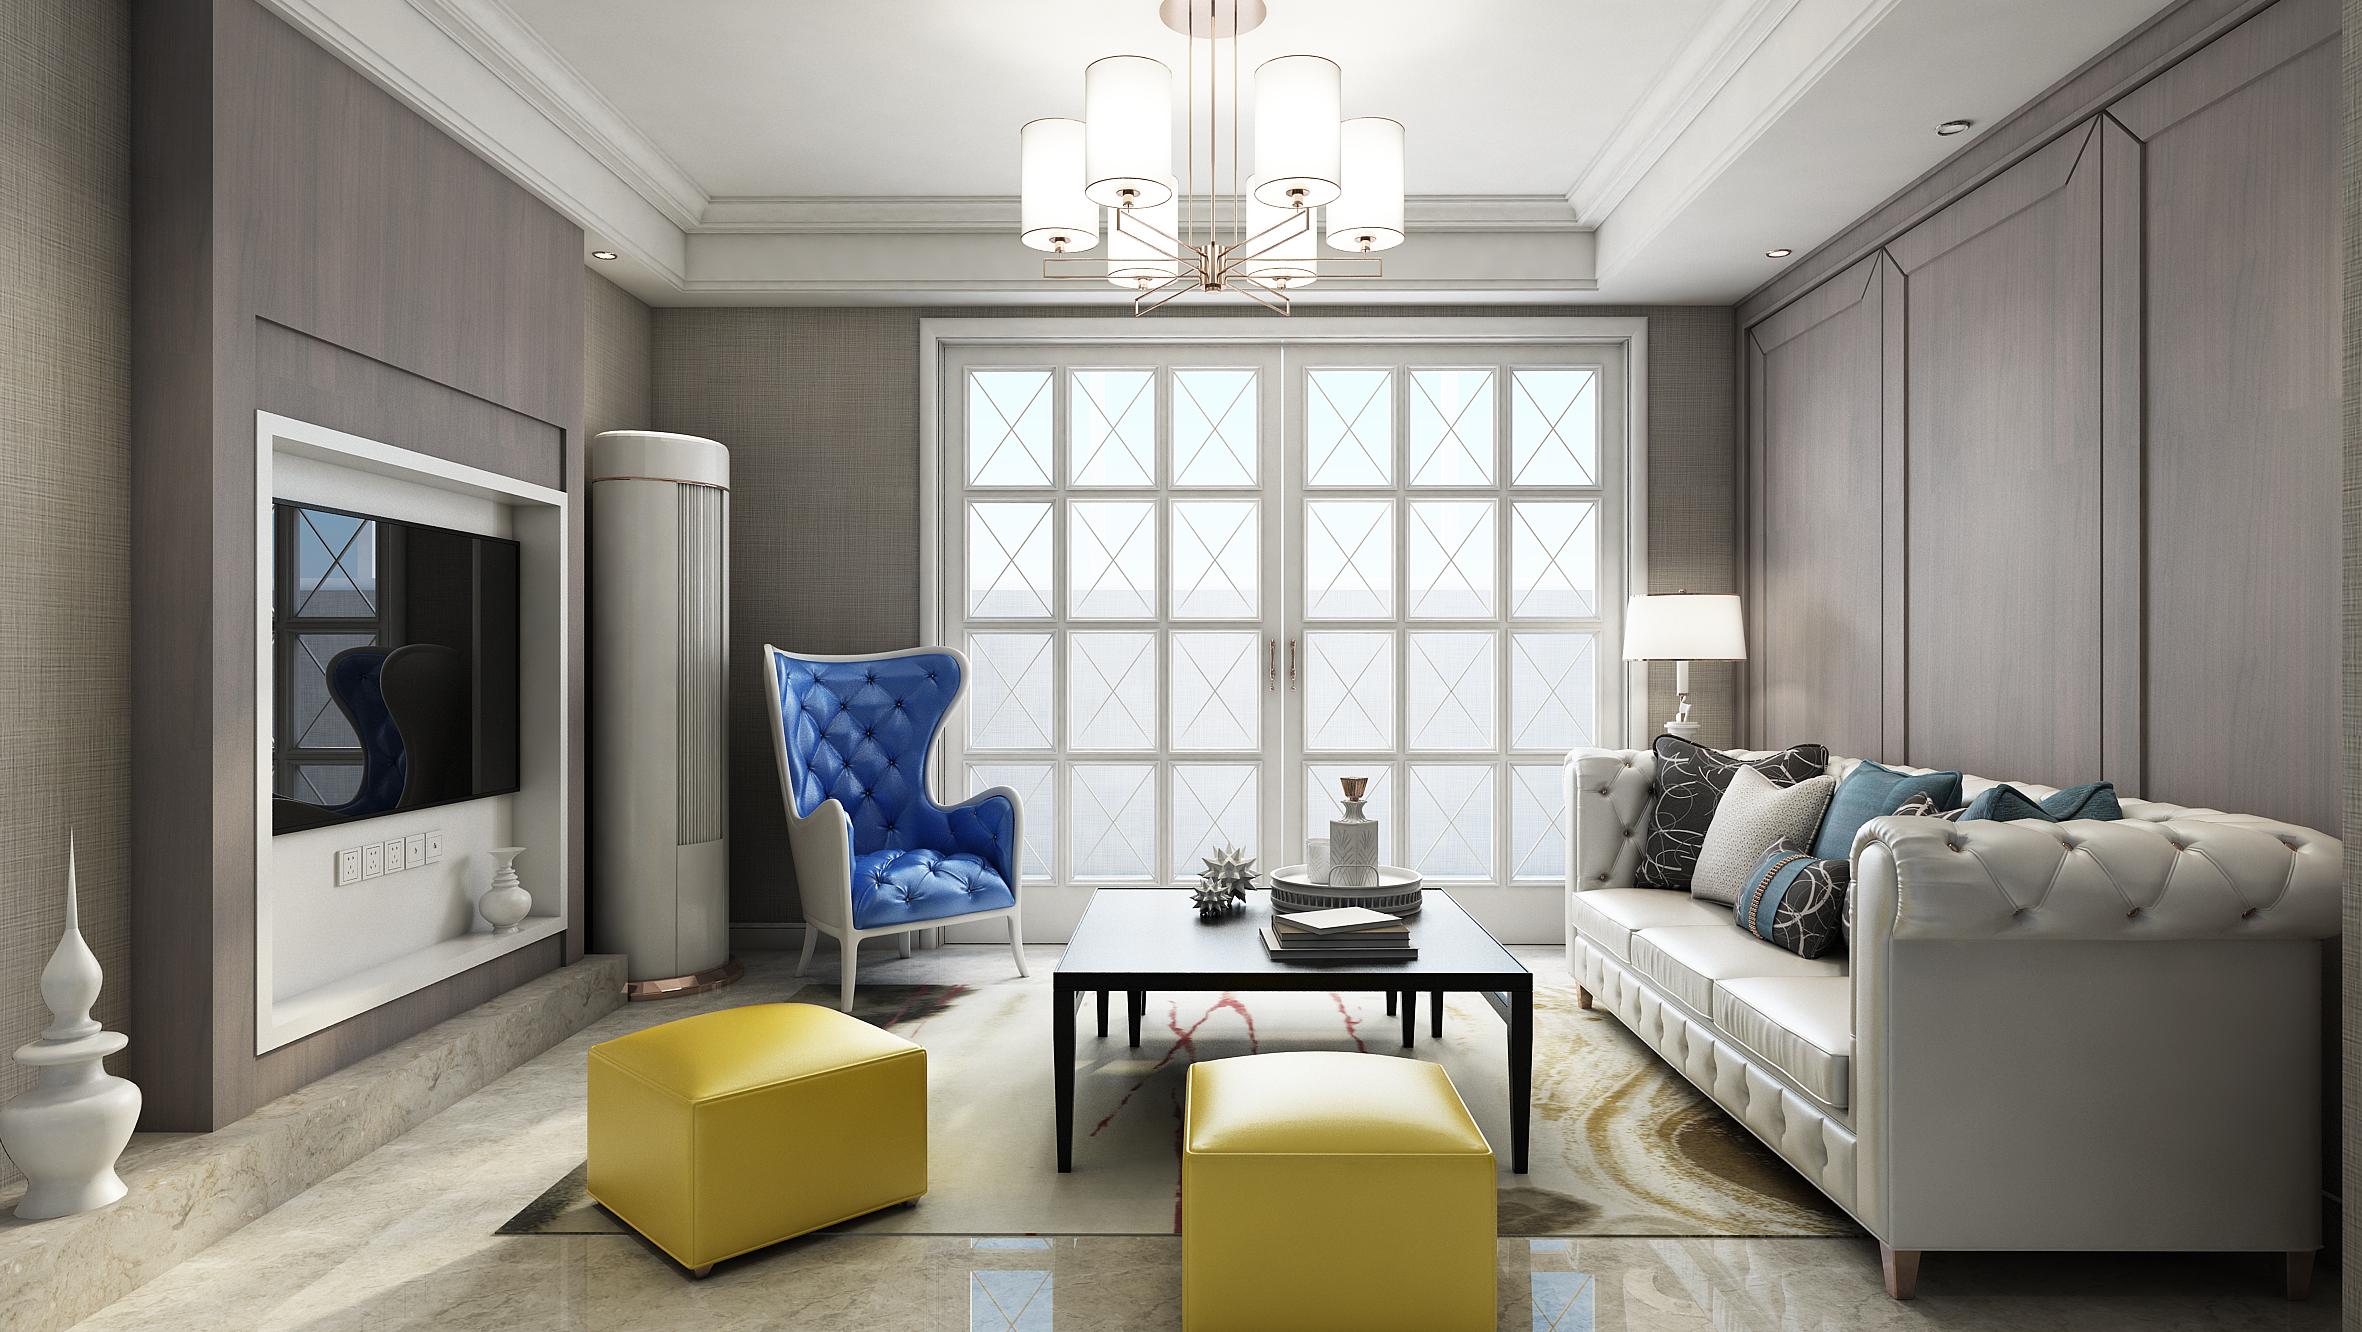 小客厅从新灯光|空间|室内设计|mission4爷 - 原创图片